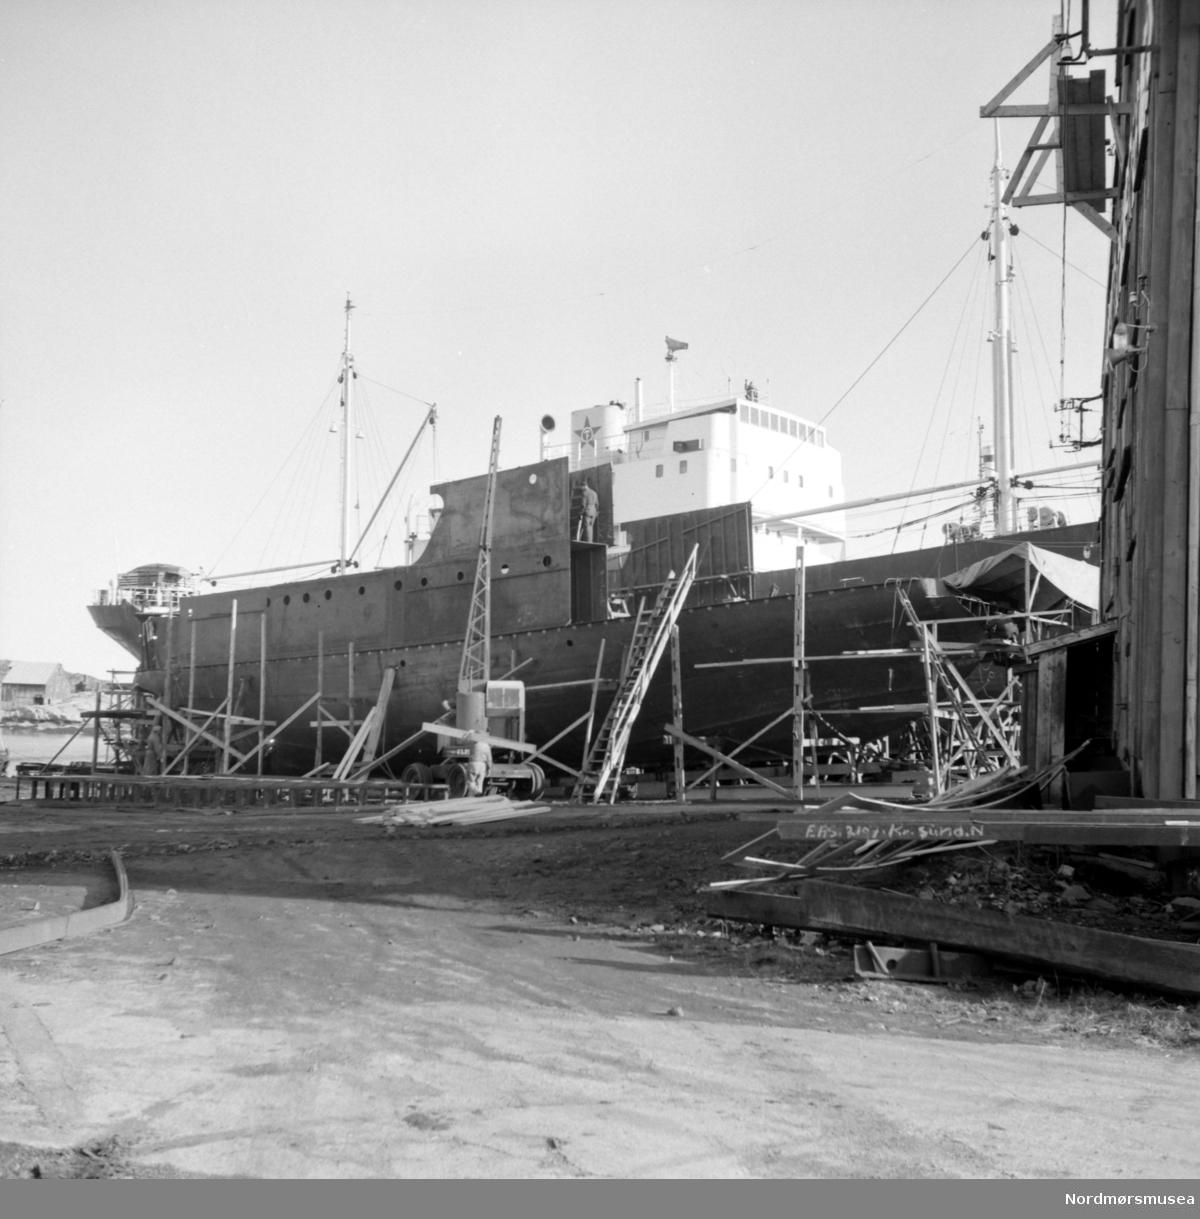 """Bildet viser B/F""""Norddalsfjord"""" Storviks Mek. Verksted bnr.14 på beddingen og med delvis oppbygd dekkshus.  """"Norddalsfjord"""" ble levert til Møre og Romsdal Fylkesbåtar 15. mars 1961 og hadde følgende hoveddimensjoner: L 31,20 m x B 8,55 m x D 3,35 m og hadde en tonnasje på 159 bruttoregistertonn. Fremdriftsmaskineriet består av 3 Volvo Penta turboladede dieselmotorer type TMD96 på til sammen 420 hk som via kilremdrift var koblet til et felles gir og propellaksel med vribar propell, slik at hver enkelt av motorene kunne kjøres separat. Fergen hadde 2 Bolinders vekselstrømsaggregater type 1052MG på 23 hk hver tilkoblet en generator på 17 kW. Fergen var utstyrt med elektrohydraulisk styremaskin. Fergen har plass til 18 personbiler og har sertifikat for 160 passasjerer. Forut er det innredet 6 lugarer for offiserer og restaurantpersonale og akterut en mannskapslugar for 4 personer og toppfarten er 11,4 knop og marsjfarten 10,5 knop. Ferga er verkstedets første nybygg etter B/F""""Trygge"""" som ble levert i 1938.  På den nye patentslippvogna klinkbygget i stål 1918, den største slippen mellom Bergen og Trondheim, ses lastebåten M/S""""Knoll"""" fra Ole T. Flakkes rederi og foran nybygget ses verkstedets mobilkran type Jones KL22, med egenlaget forlenget bom anskaffet ca. 1959.  Til venstre ses Høttnesbrygga ute på Høttnesset med det lille sorte røykerihuset like bak. Helt til høyre ses så vidt fronten av maskinverkstedbygningen, bygget etter brannen i februar/mars 1911 og revet på 1980-tallet, og til venstre foran nybygget ses sveiseplanet. Til høyre foran maskinverkstedet ses stålprofillager. I bakgrunnen ses Visnesbrygga på Skorpa. Bildet er fra 1960. Kilde: Peter Storvik. Fra Nordmøre museums fotosamlinger."""